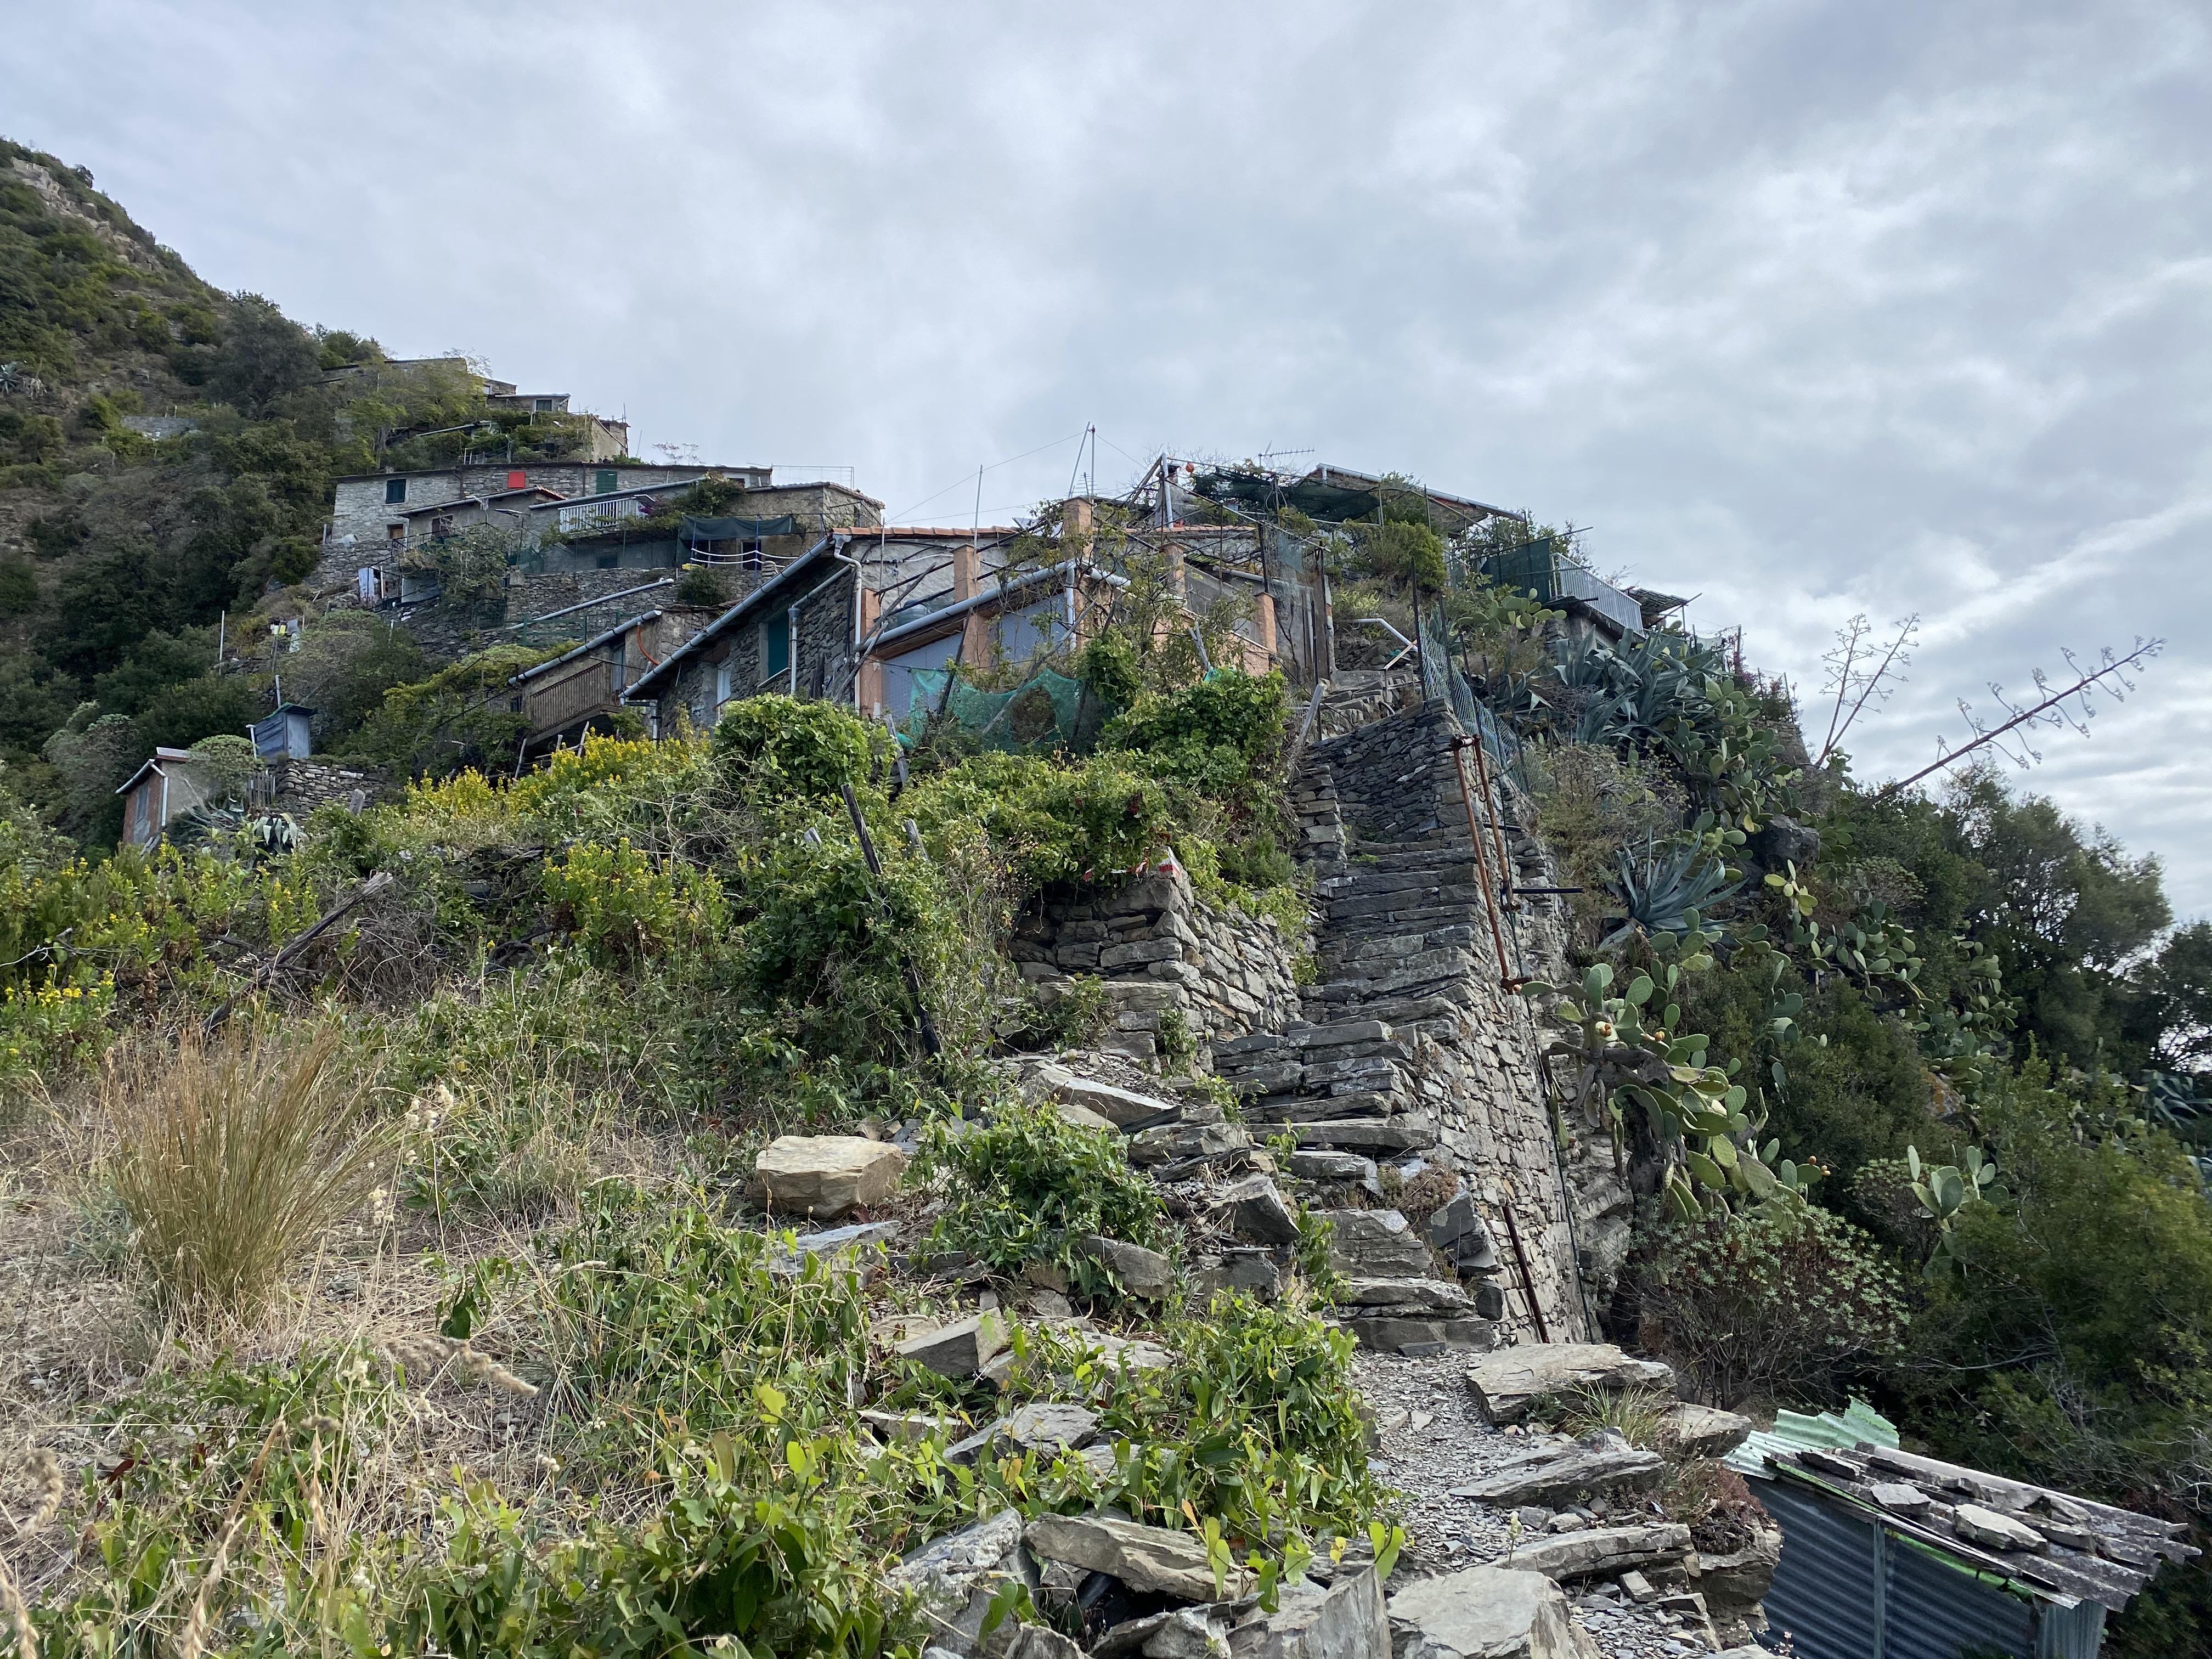 le village de Monesteroli